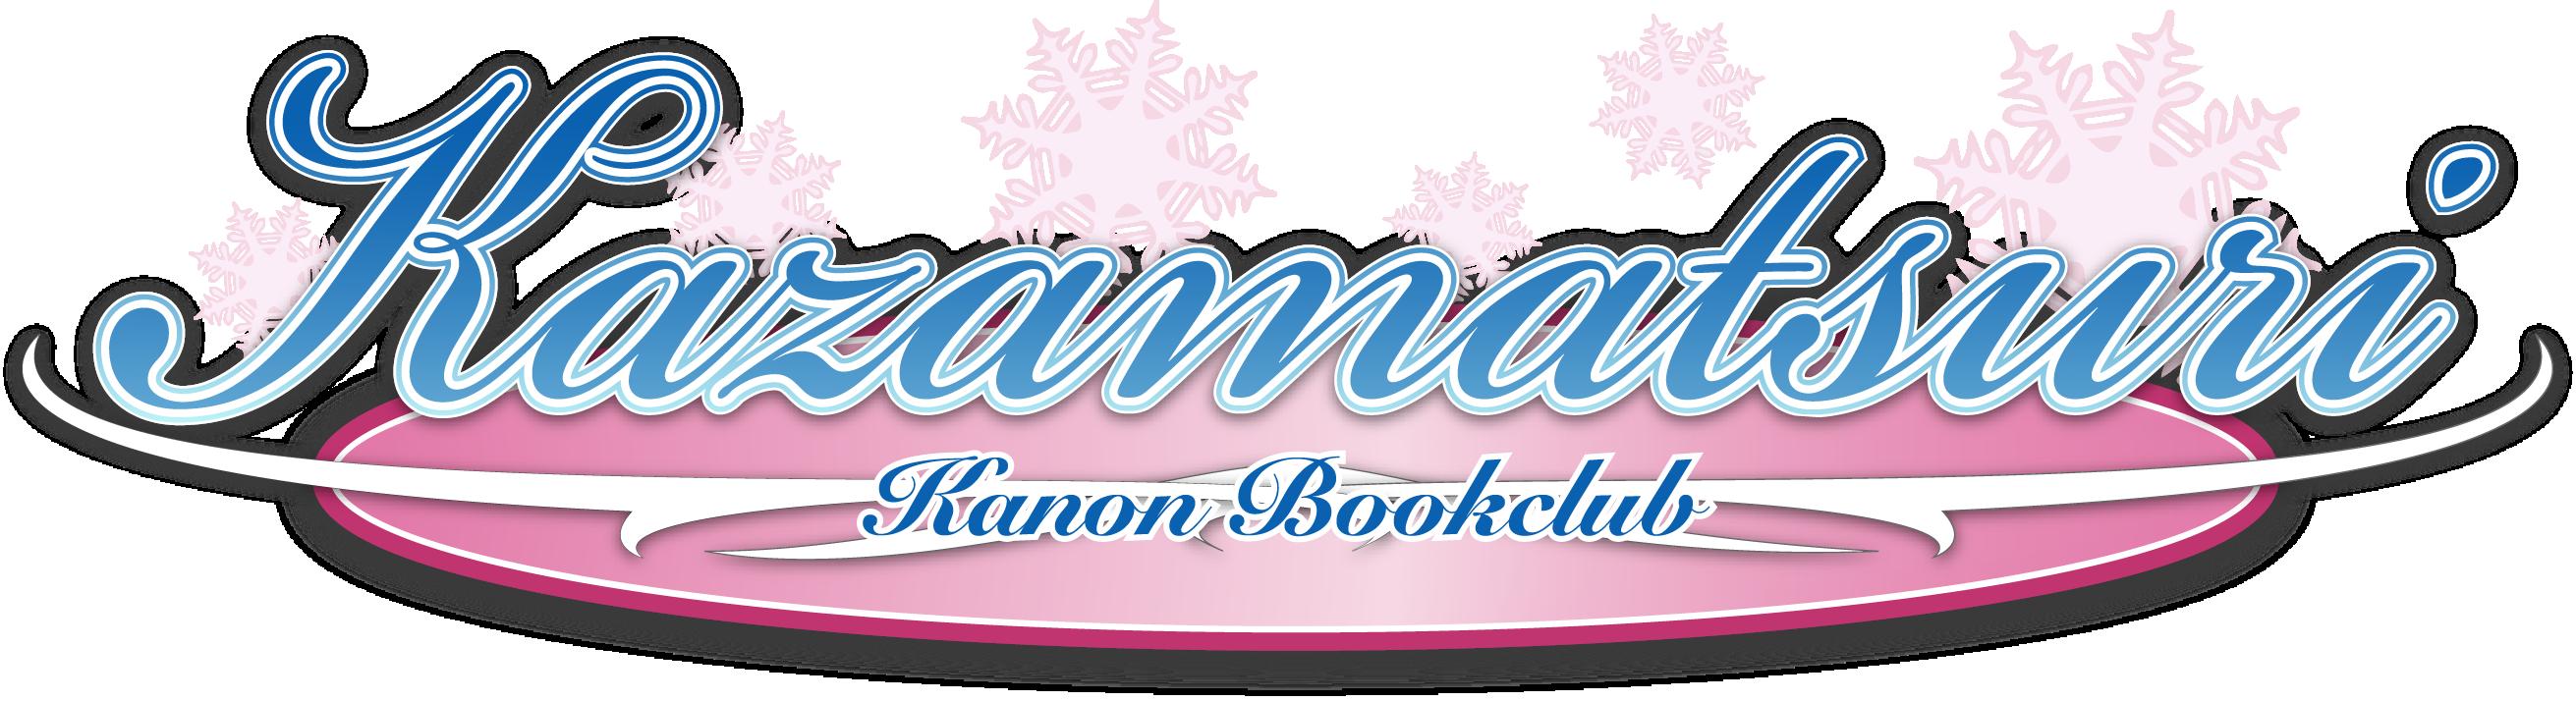 Kanon Bookclub